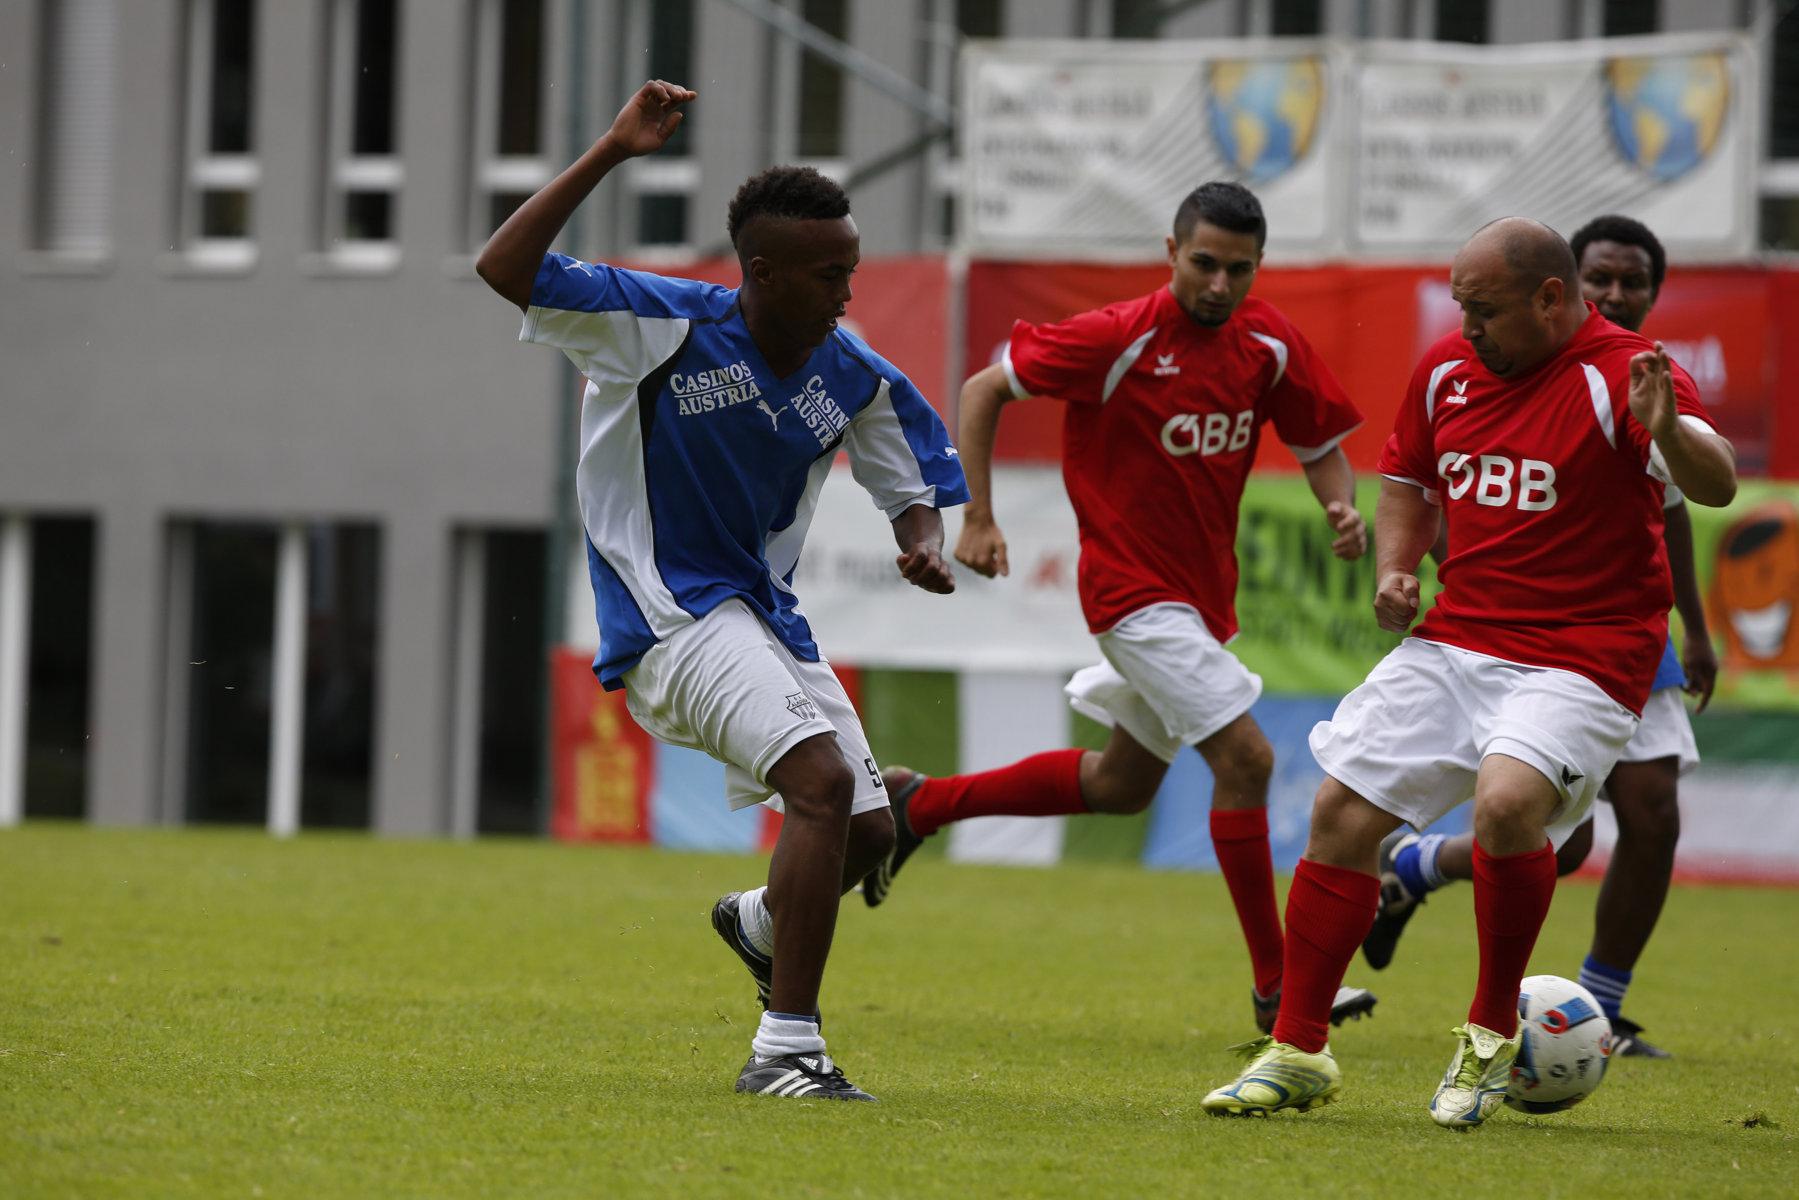 FB Linz 2016 (47)